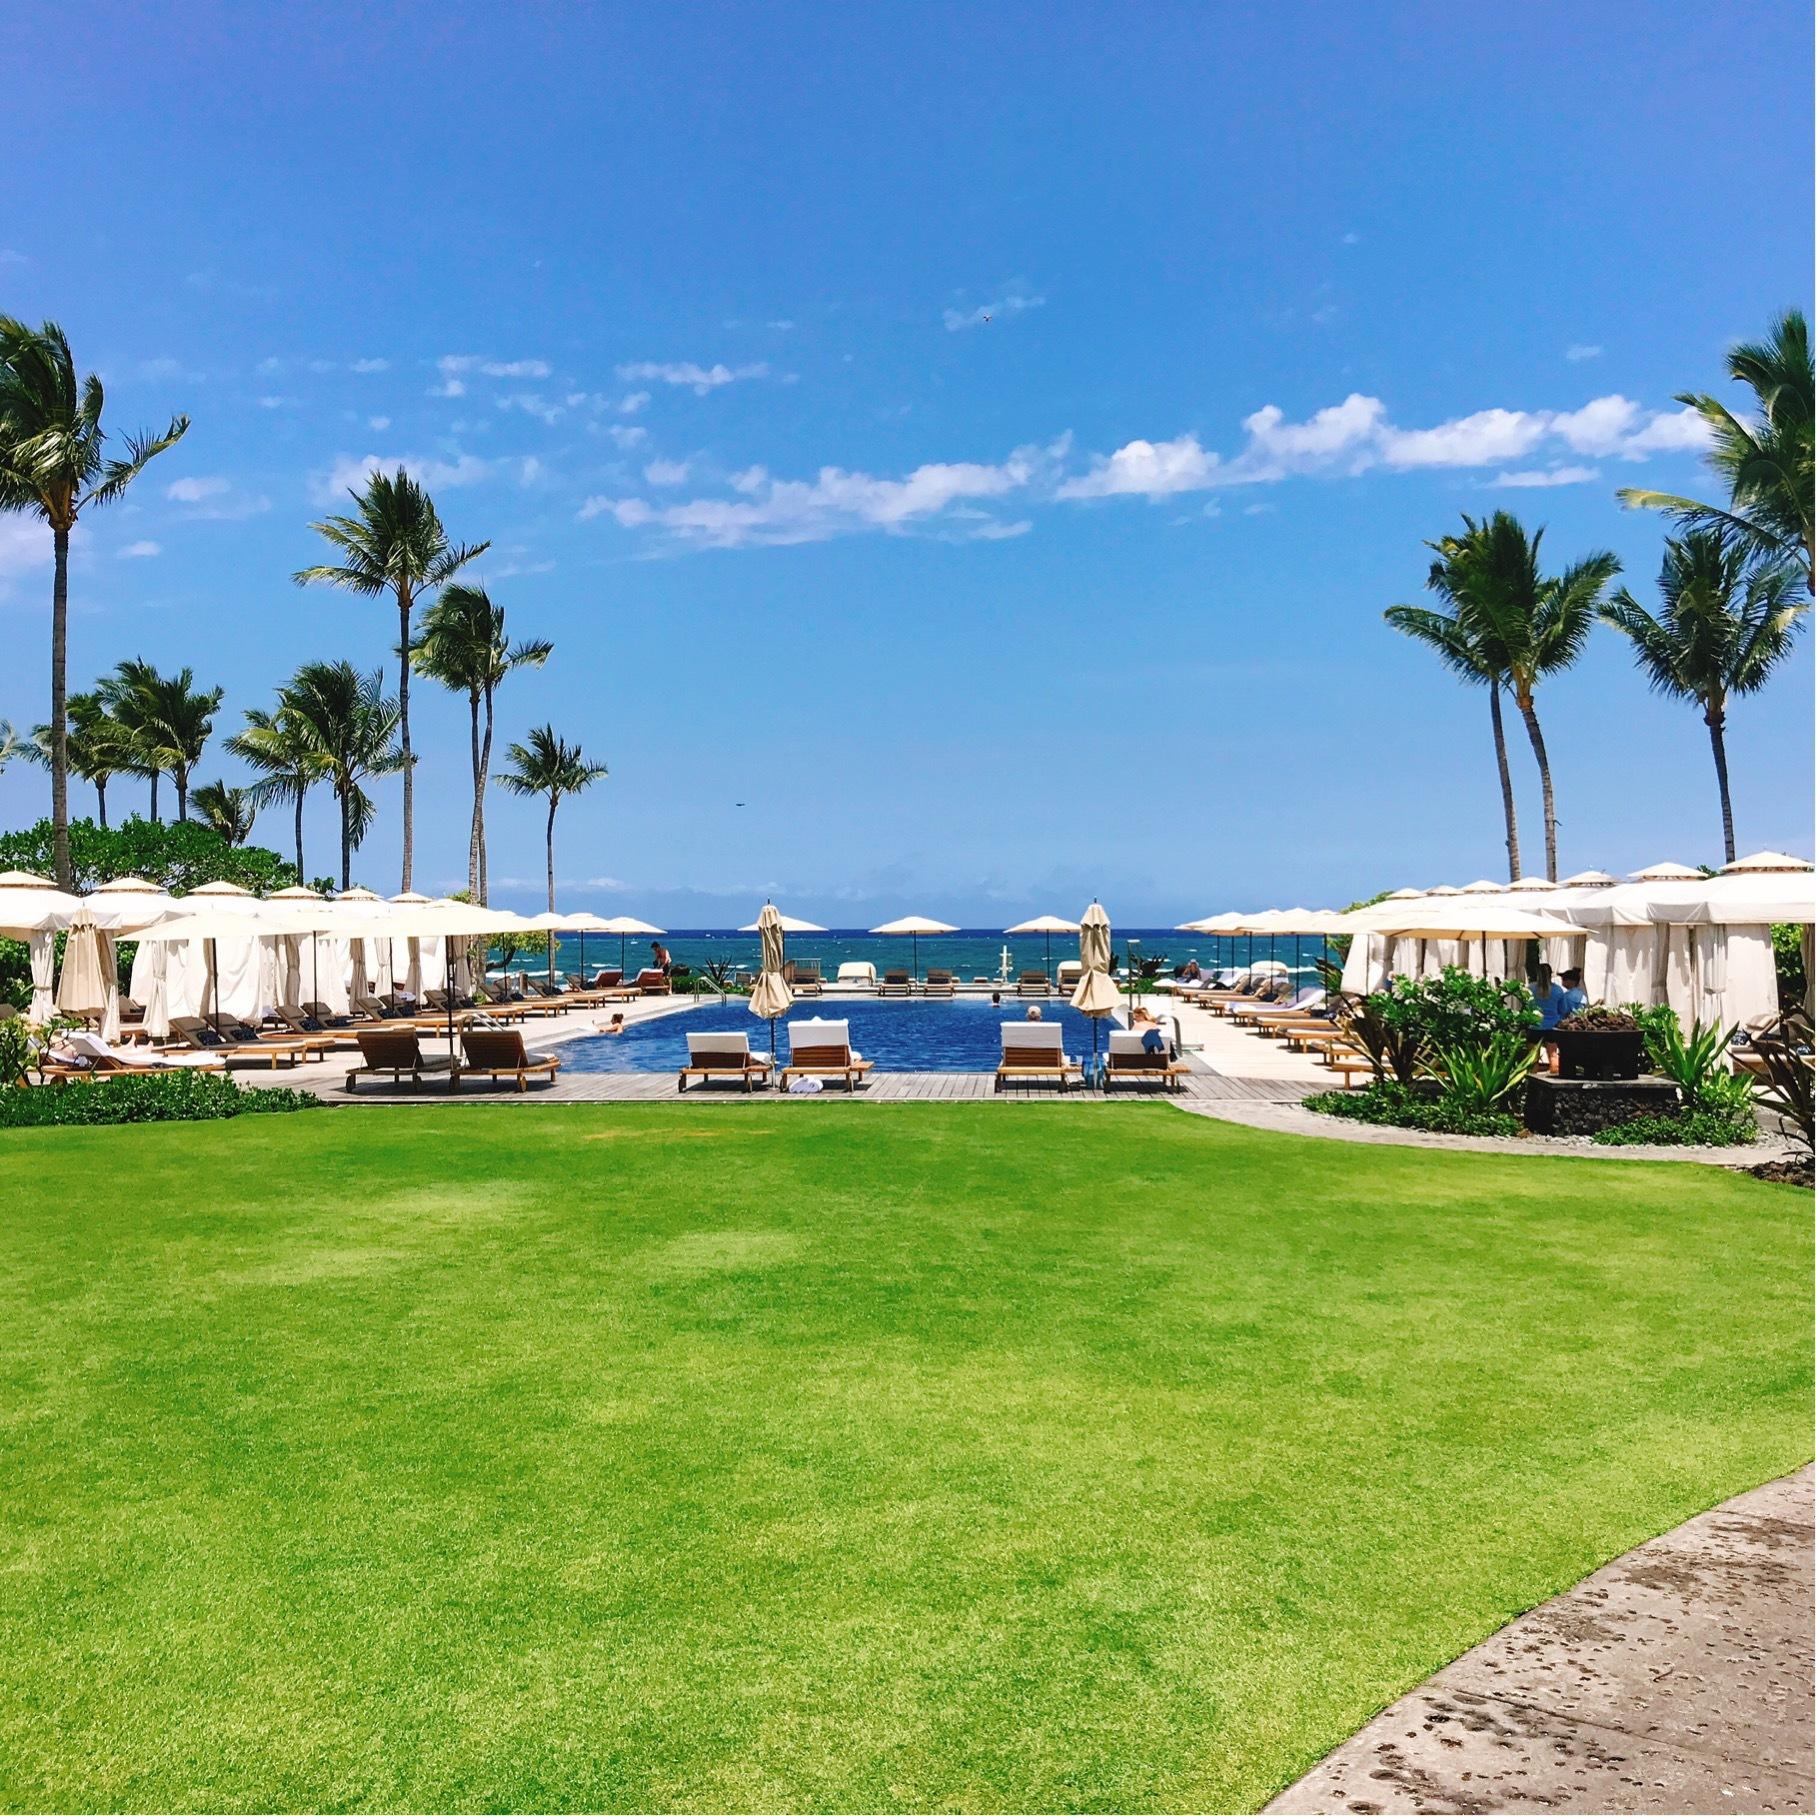 大人の魅力満載、はじめてのハワイ島で至福のひとときを…前編_1_2-4